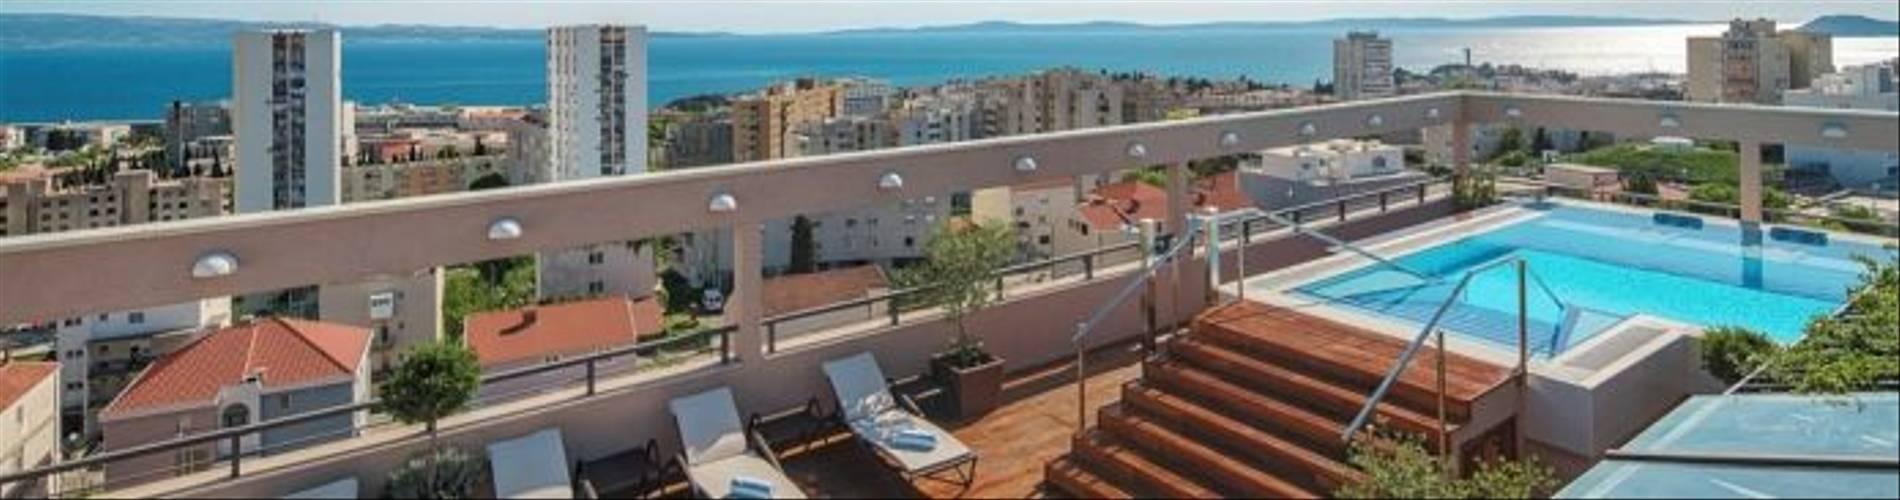 HotelResidence_DIOKLECIJAN_rooftop-bar-sundeck-panorama-day_2048px_DSC03627-695x409.jpg